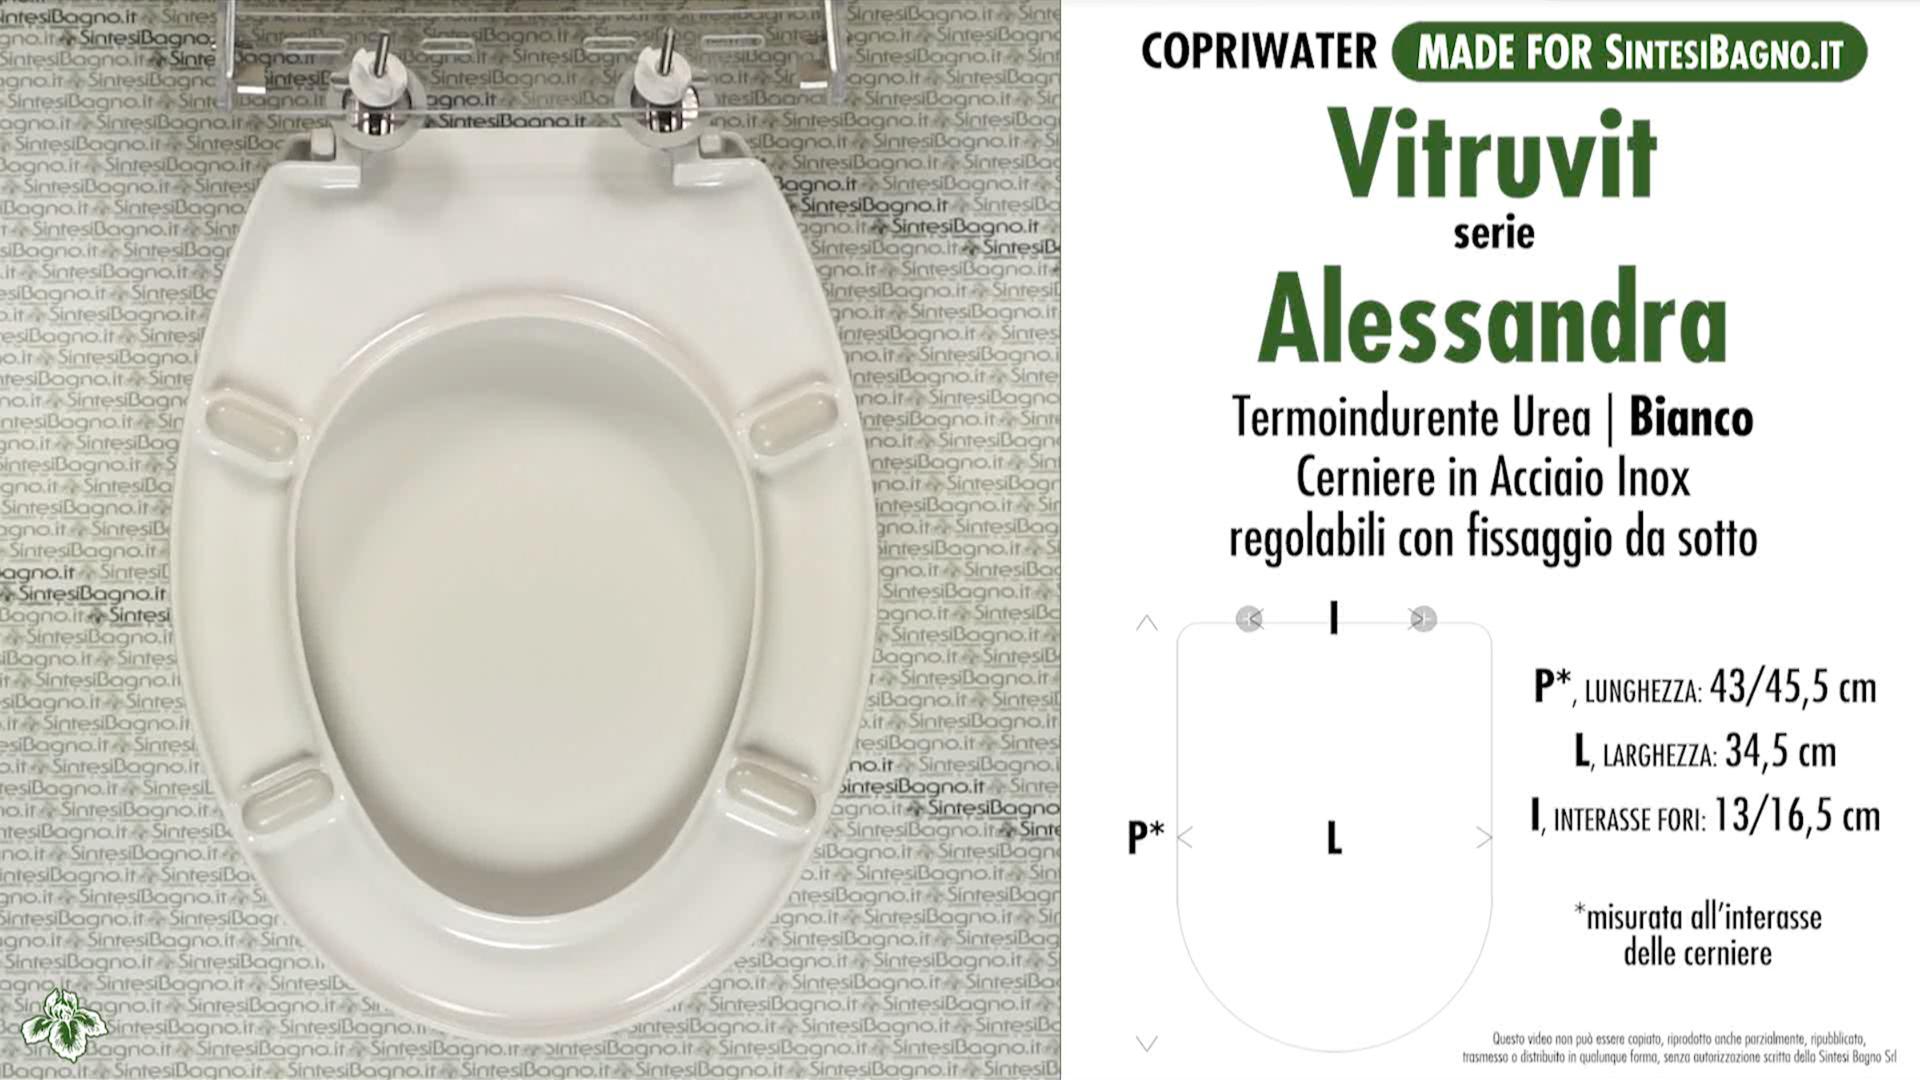 SCHEDA TECNICA MISURE copriwater VITRUVIT ALESSANDRA